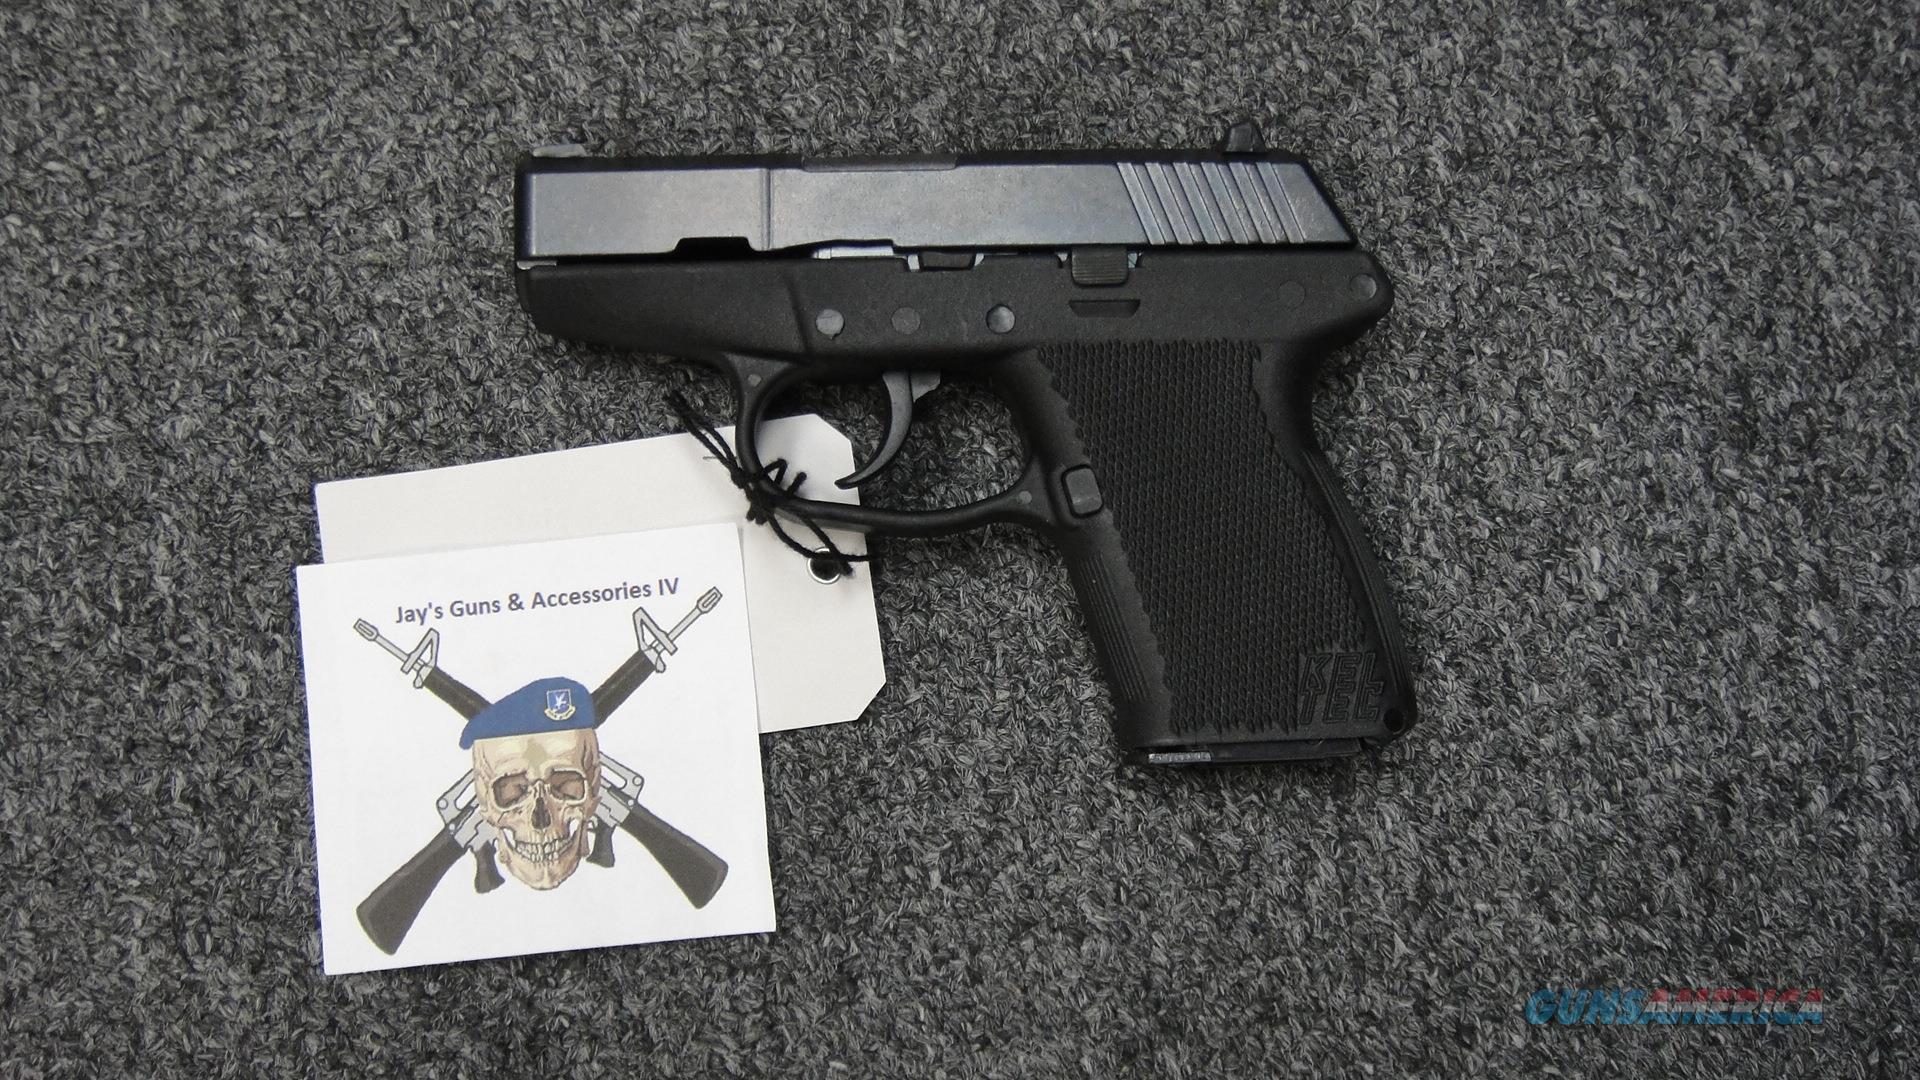 Kel-Tec P-11 9mm  Guns > Pistols > Kel-Tec Pistols > Pocket Pistol Type